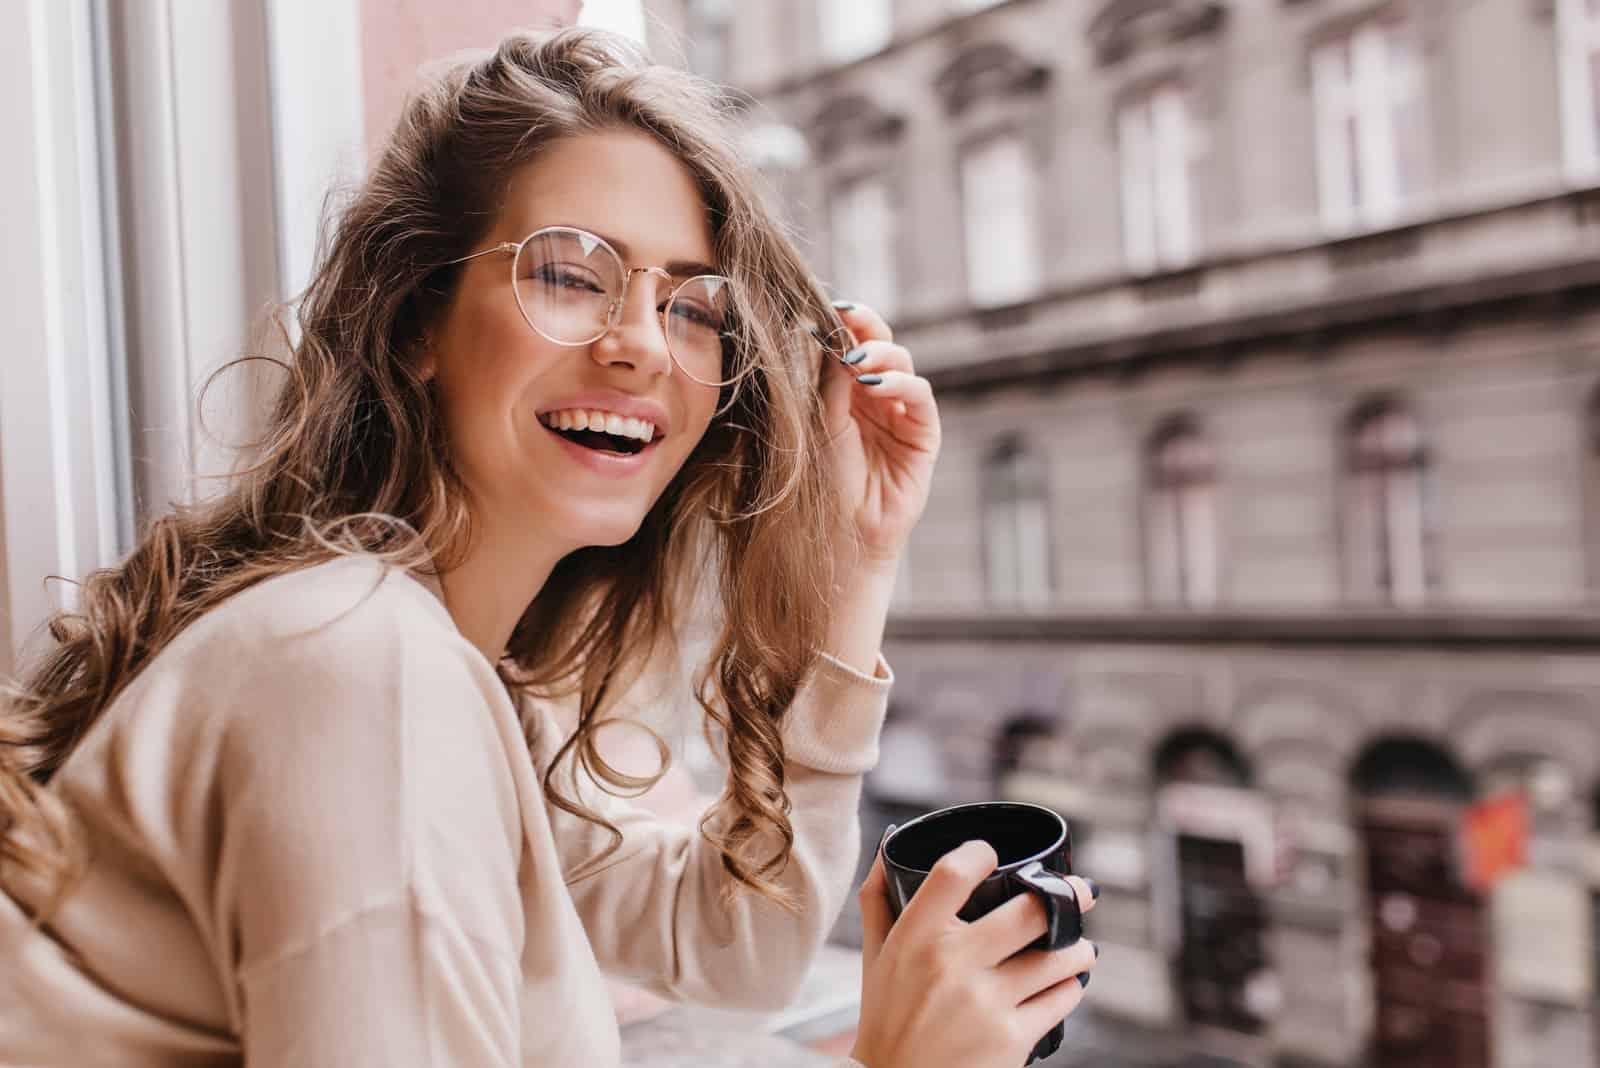 une femme aux cheveux bruns souriante se tient à la fenêtre et boit du café